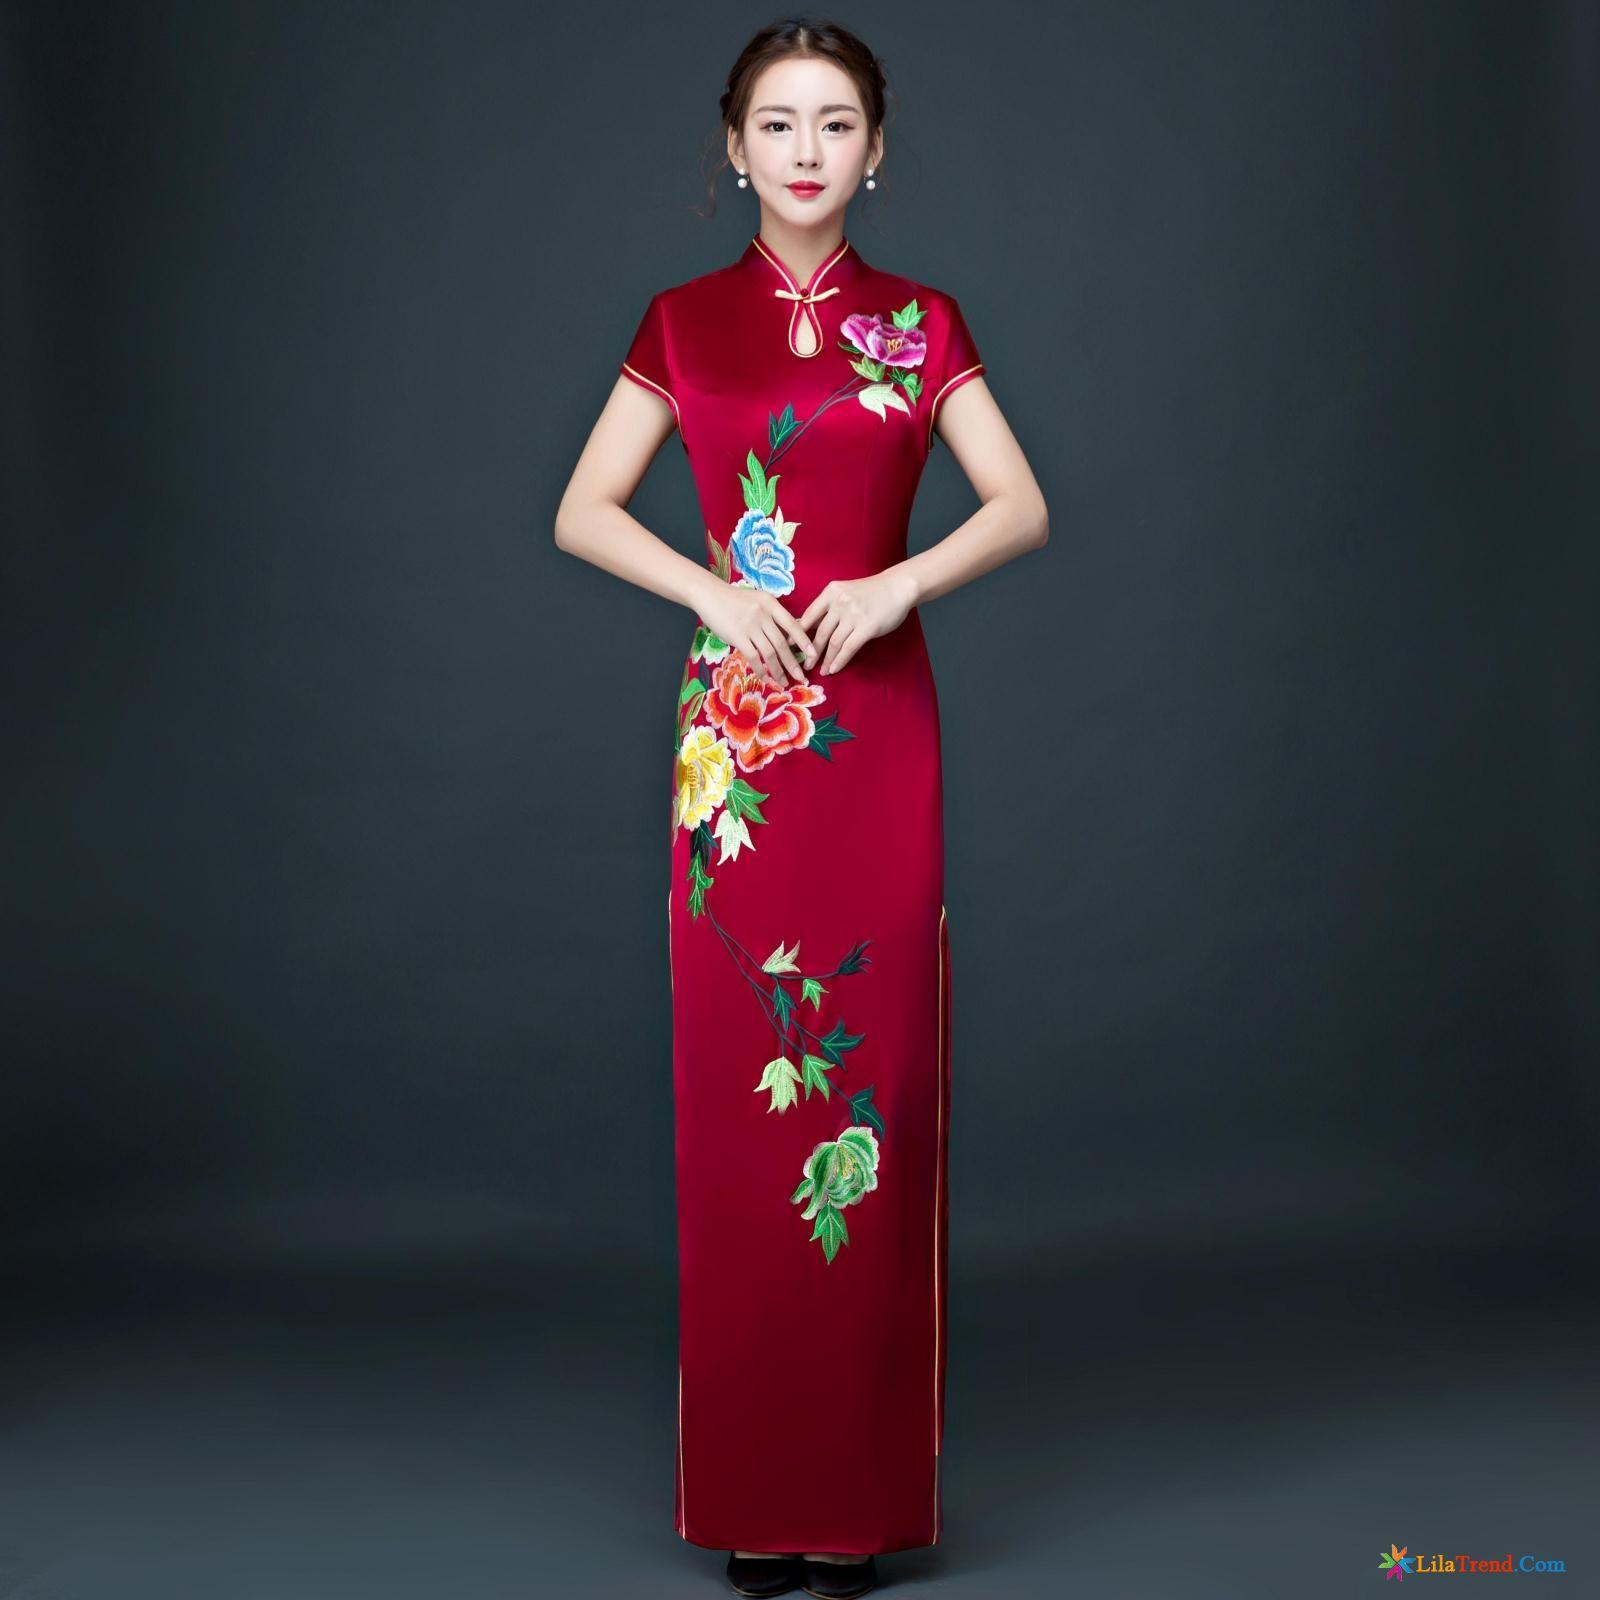 Günstige Kleider Für Damen Kaufen   Lilatrend.com - seite 21